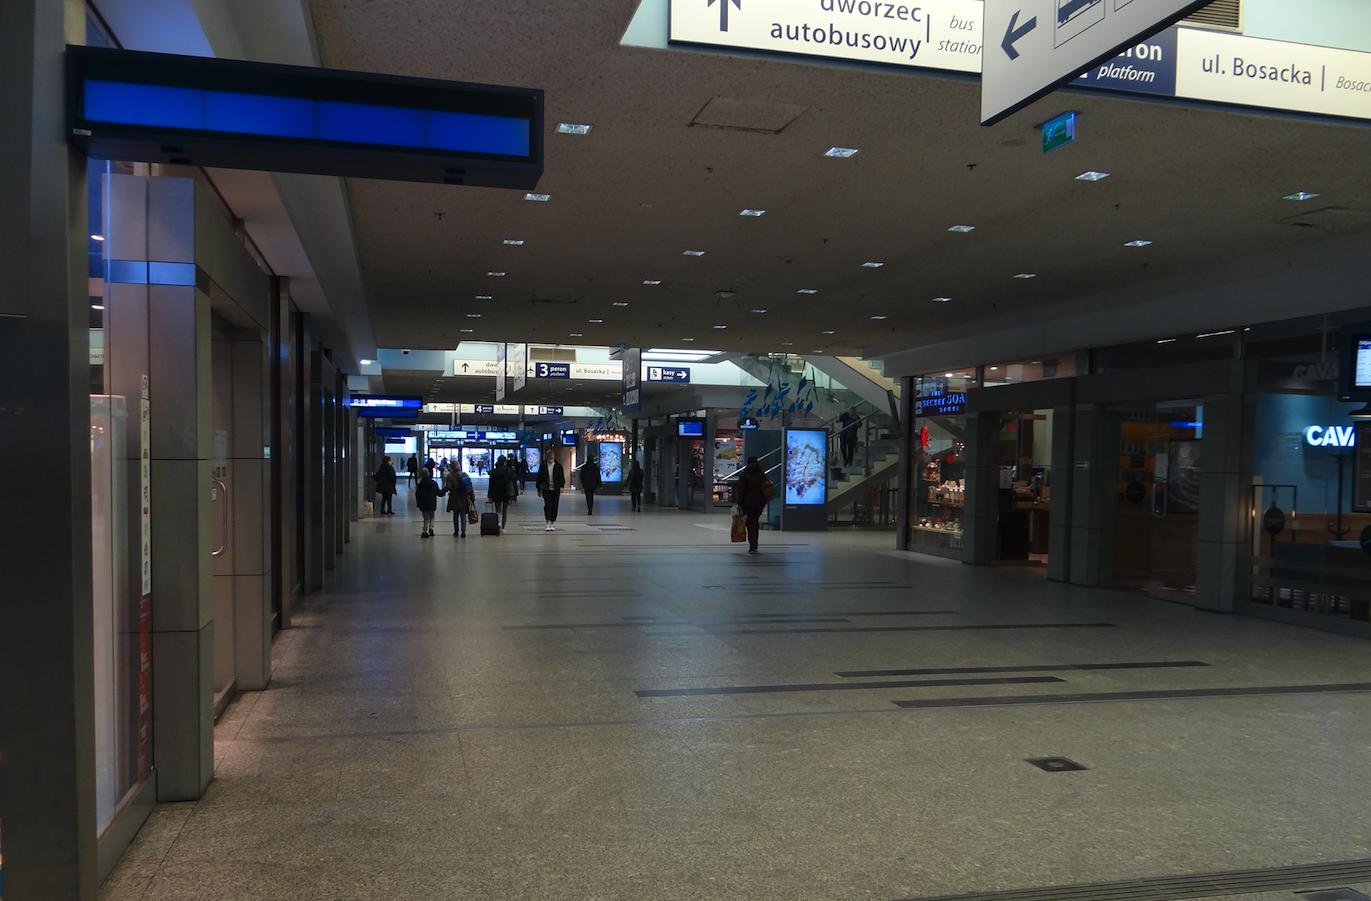 Dworzec podziemny. 2021 rok. Zdjęcie Karol Placha Hetman